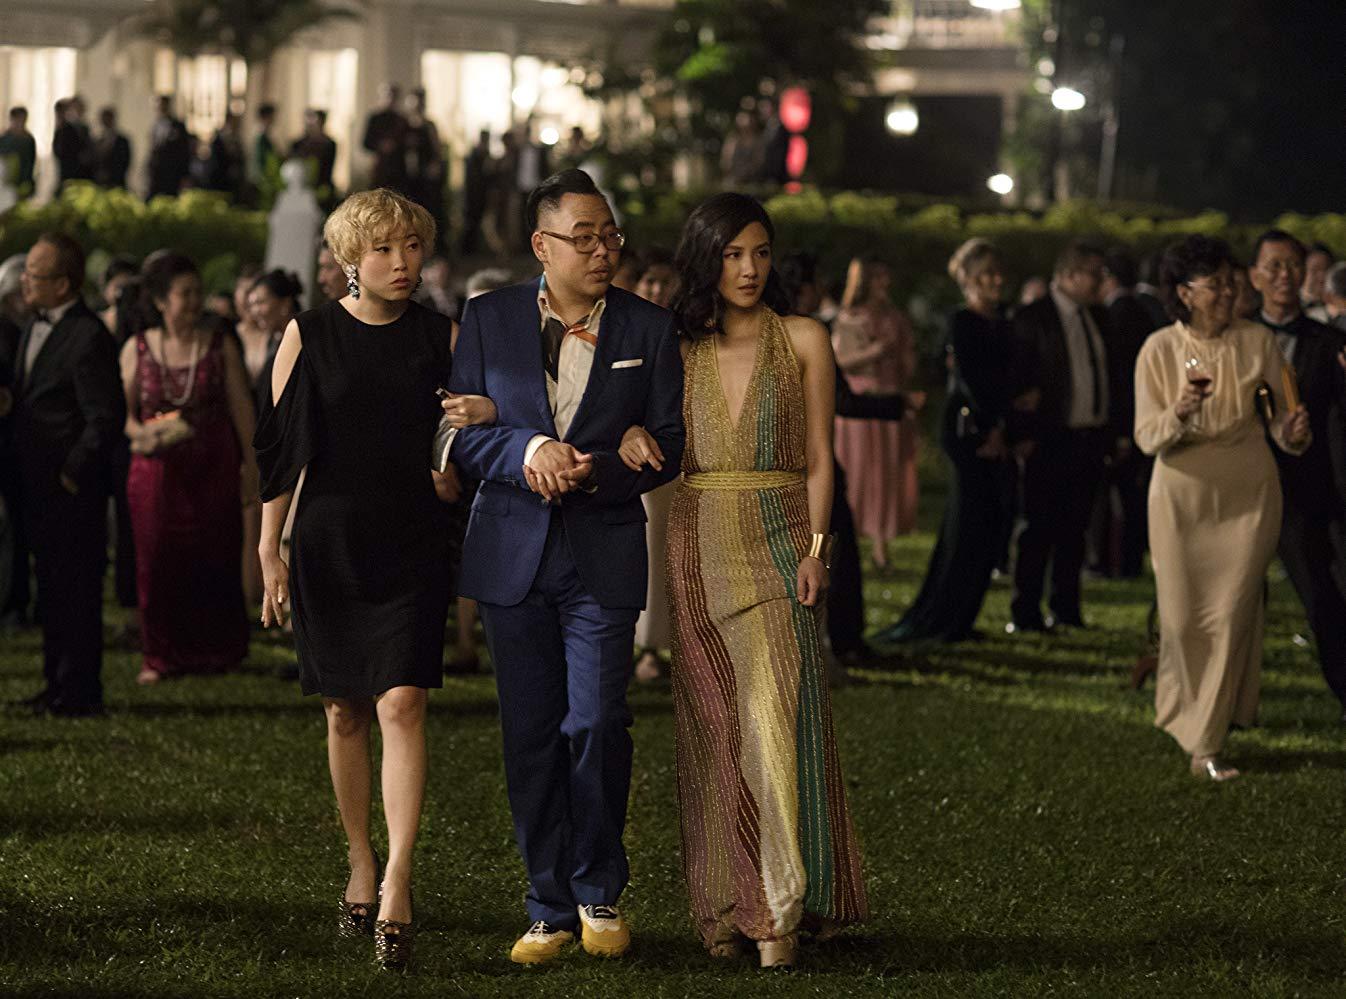 瘋狂亞洲富豪:全亞裔演出與東方文化的好萊塢灰姑娘電影┃影評